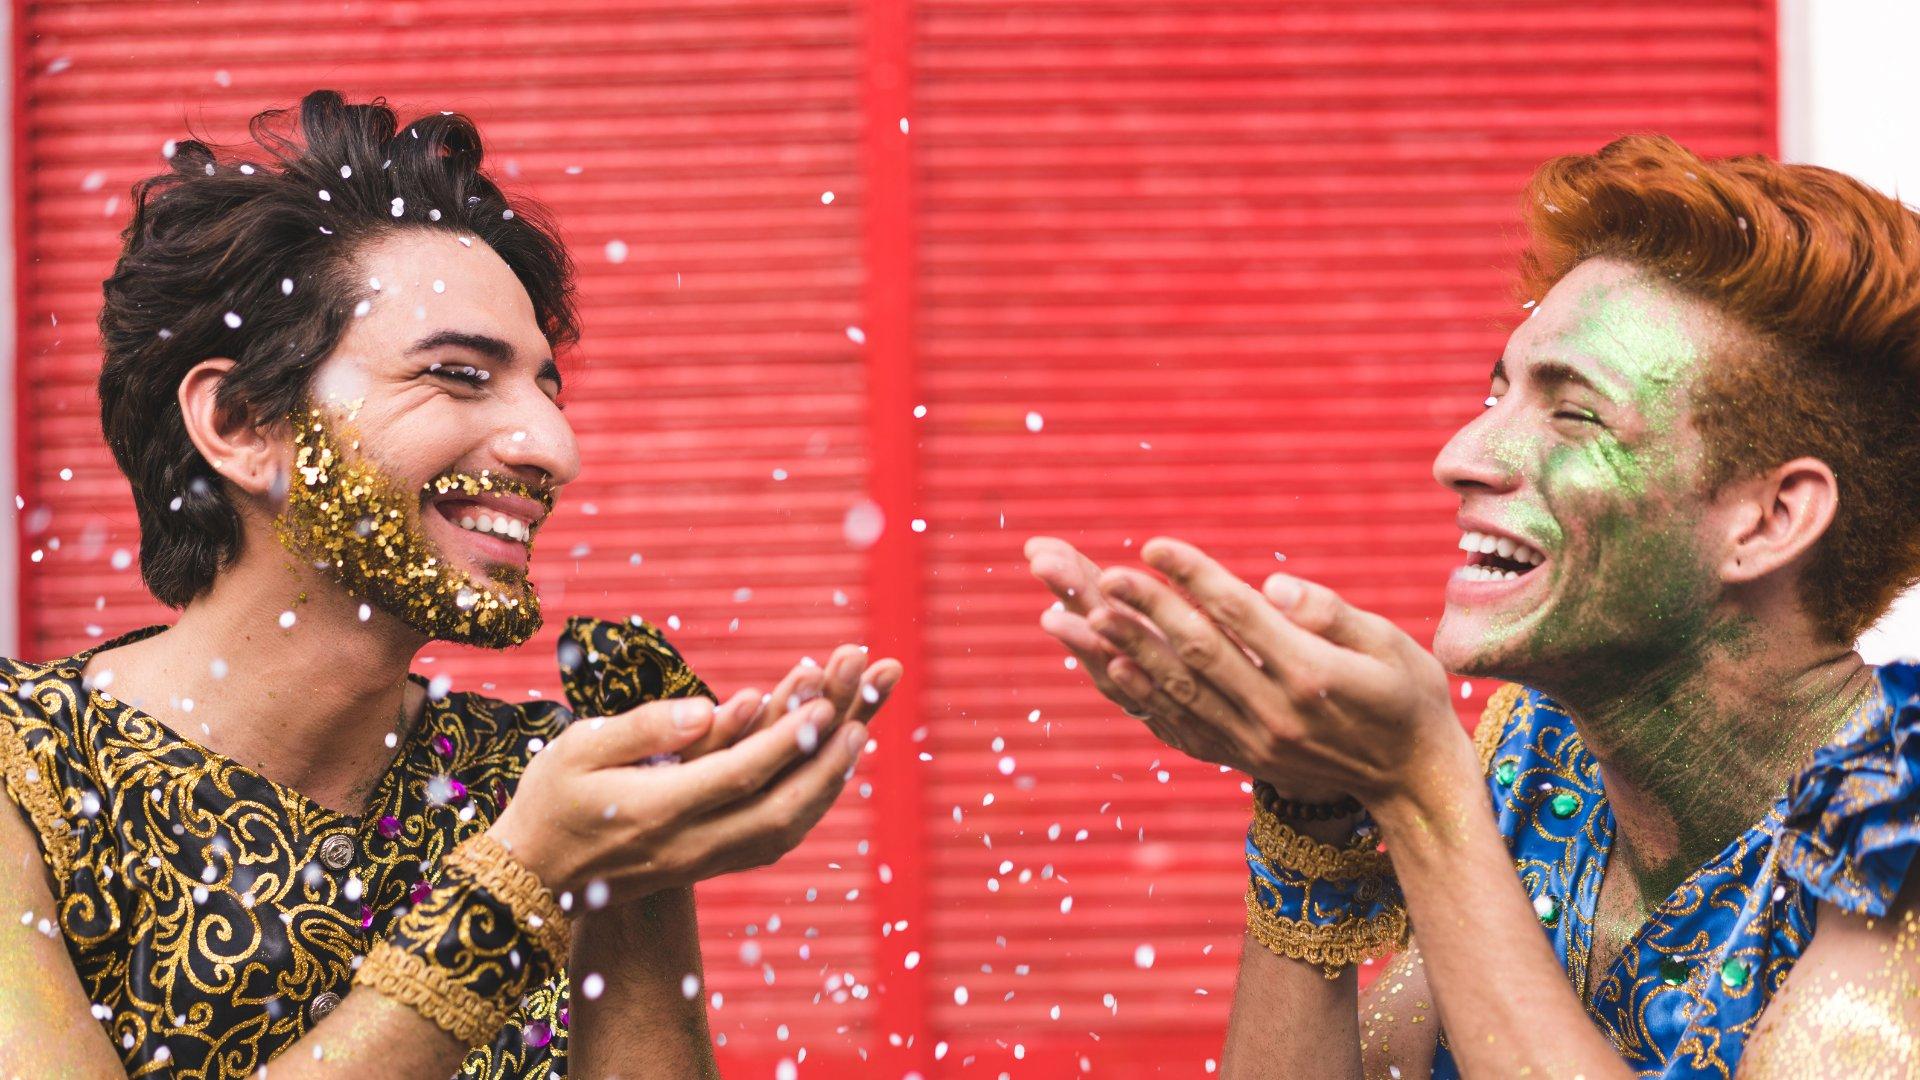 Dois homens sorrindo enquanto jogam confete para o alto